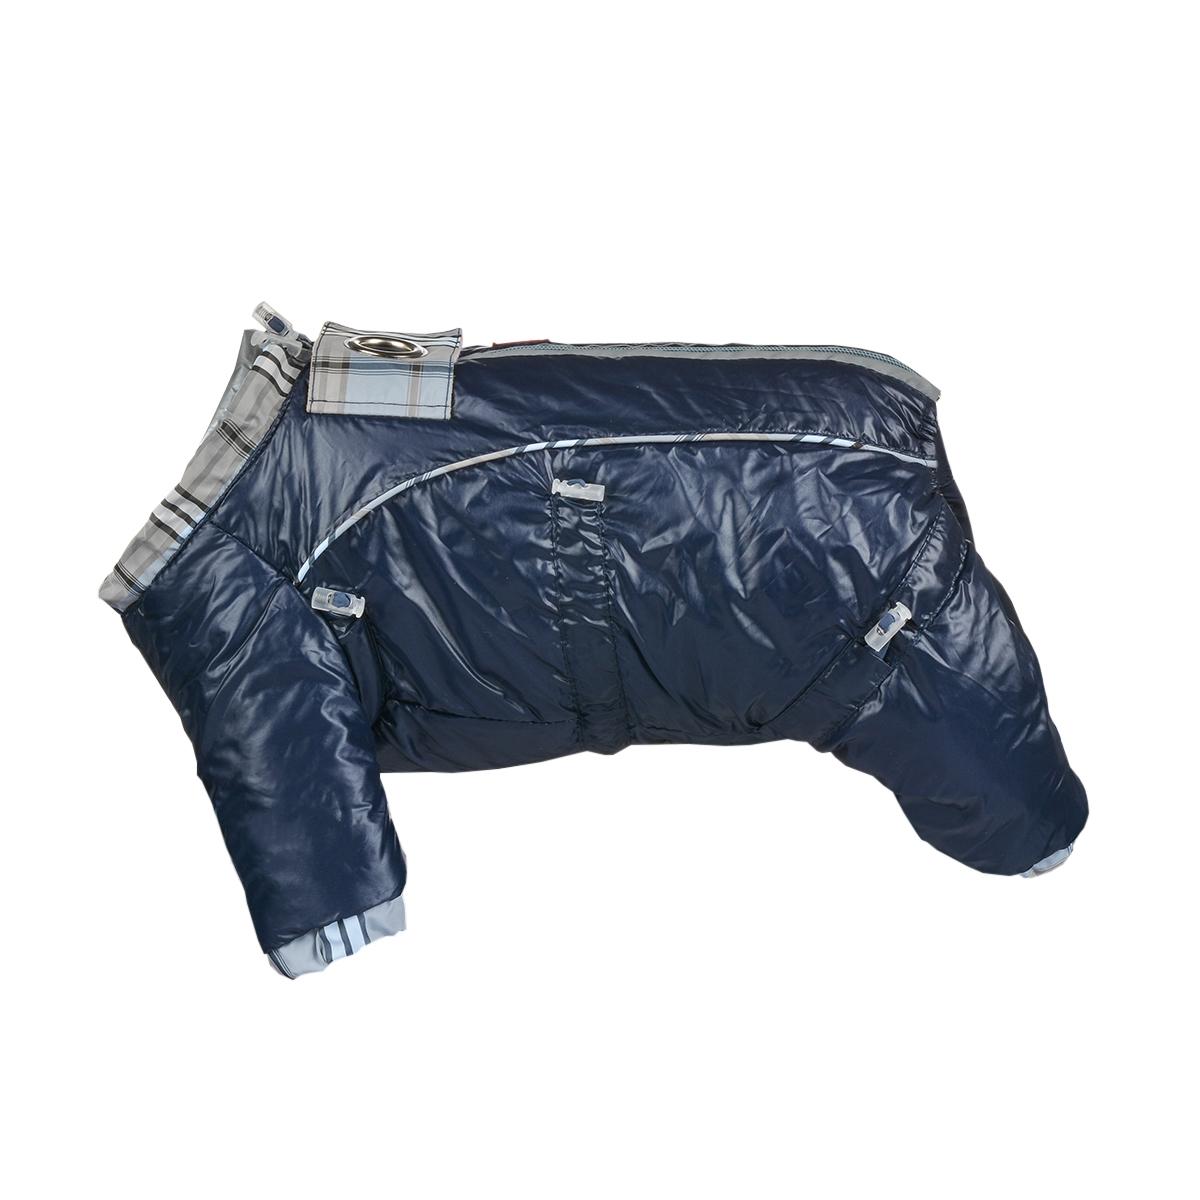 """Комбинезон для собак Dogmoda """"Doggs"""", зимний, для мальчика, цвет: темно-синий. Размер L"""